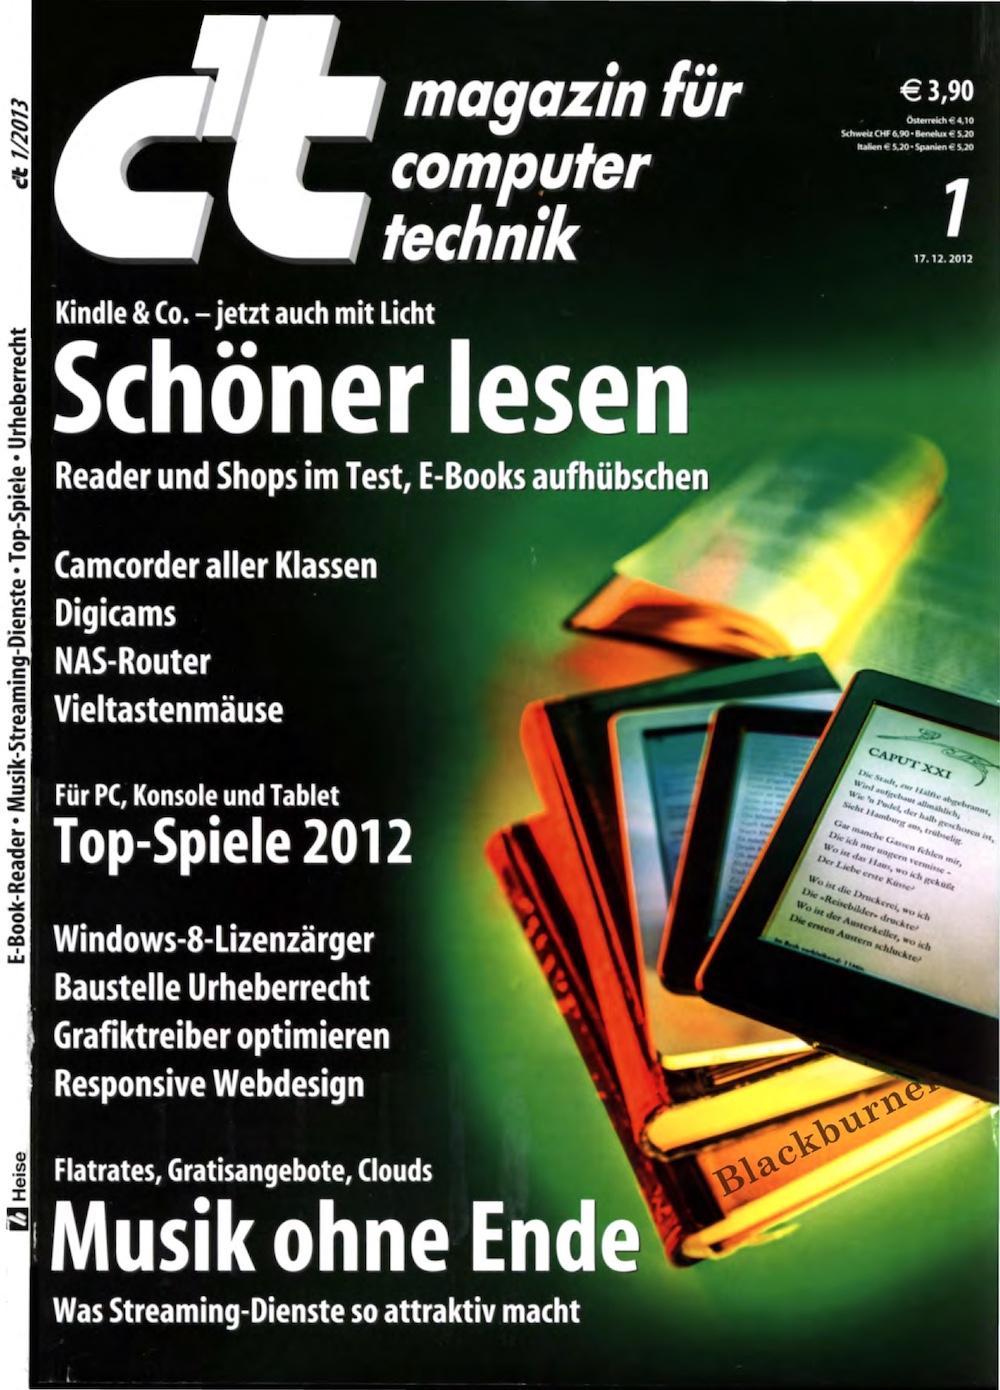 c't Magazin 2013-01